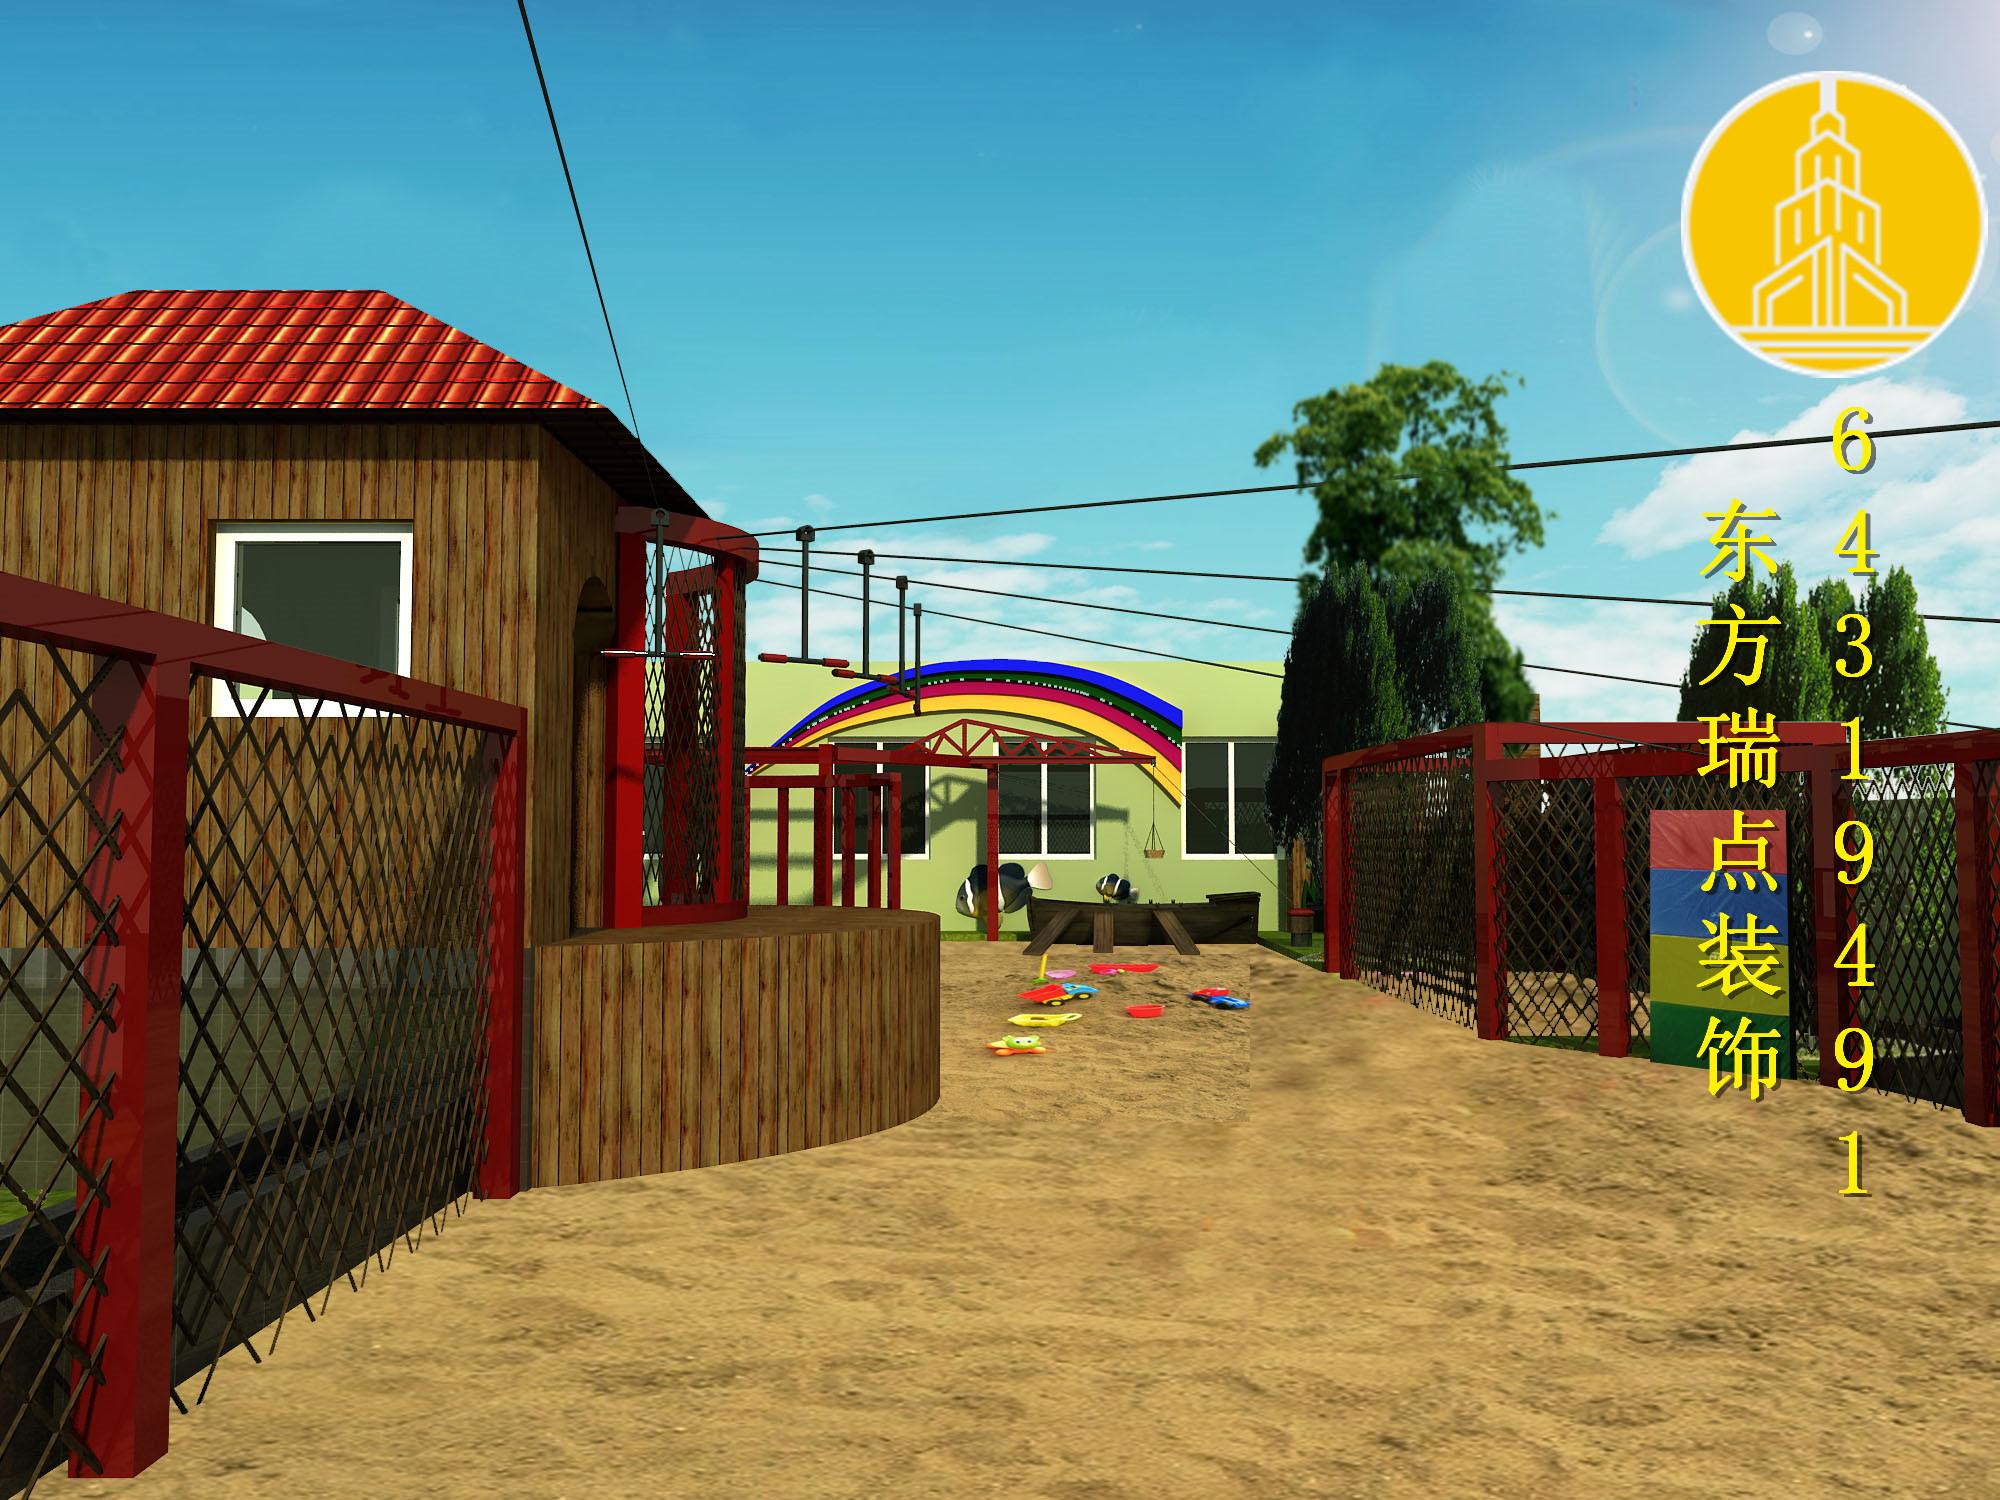 小朋友最喜欢的四种幼儿园装修设计风格